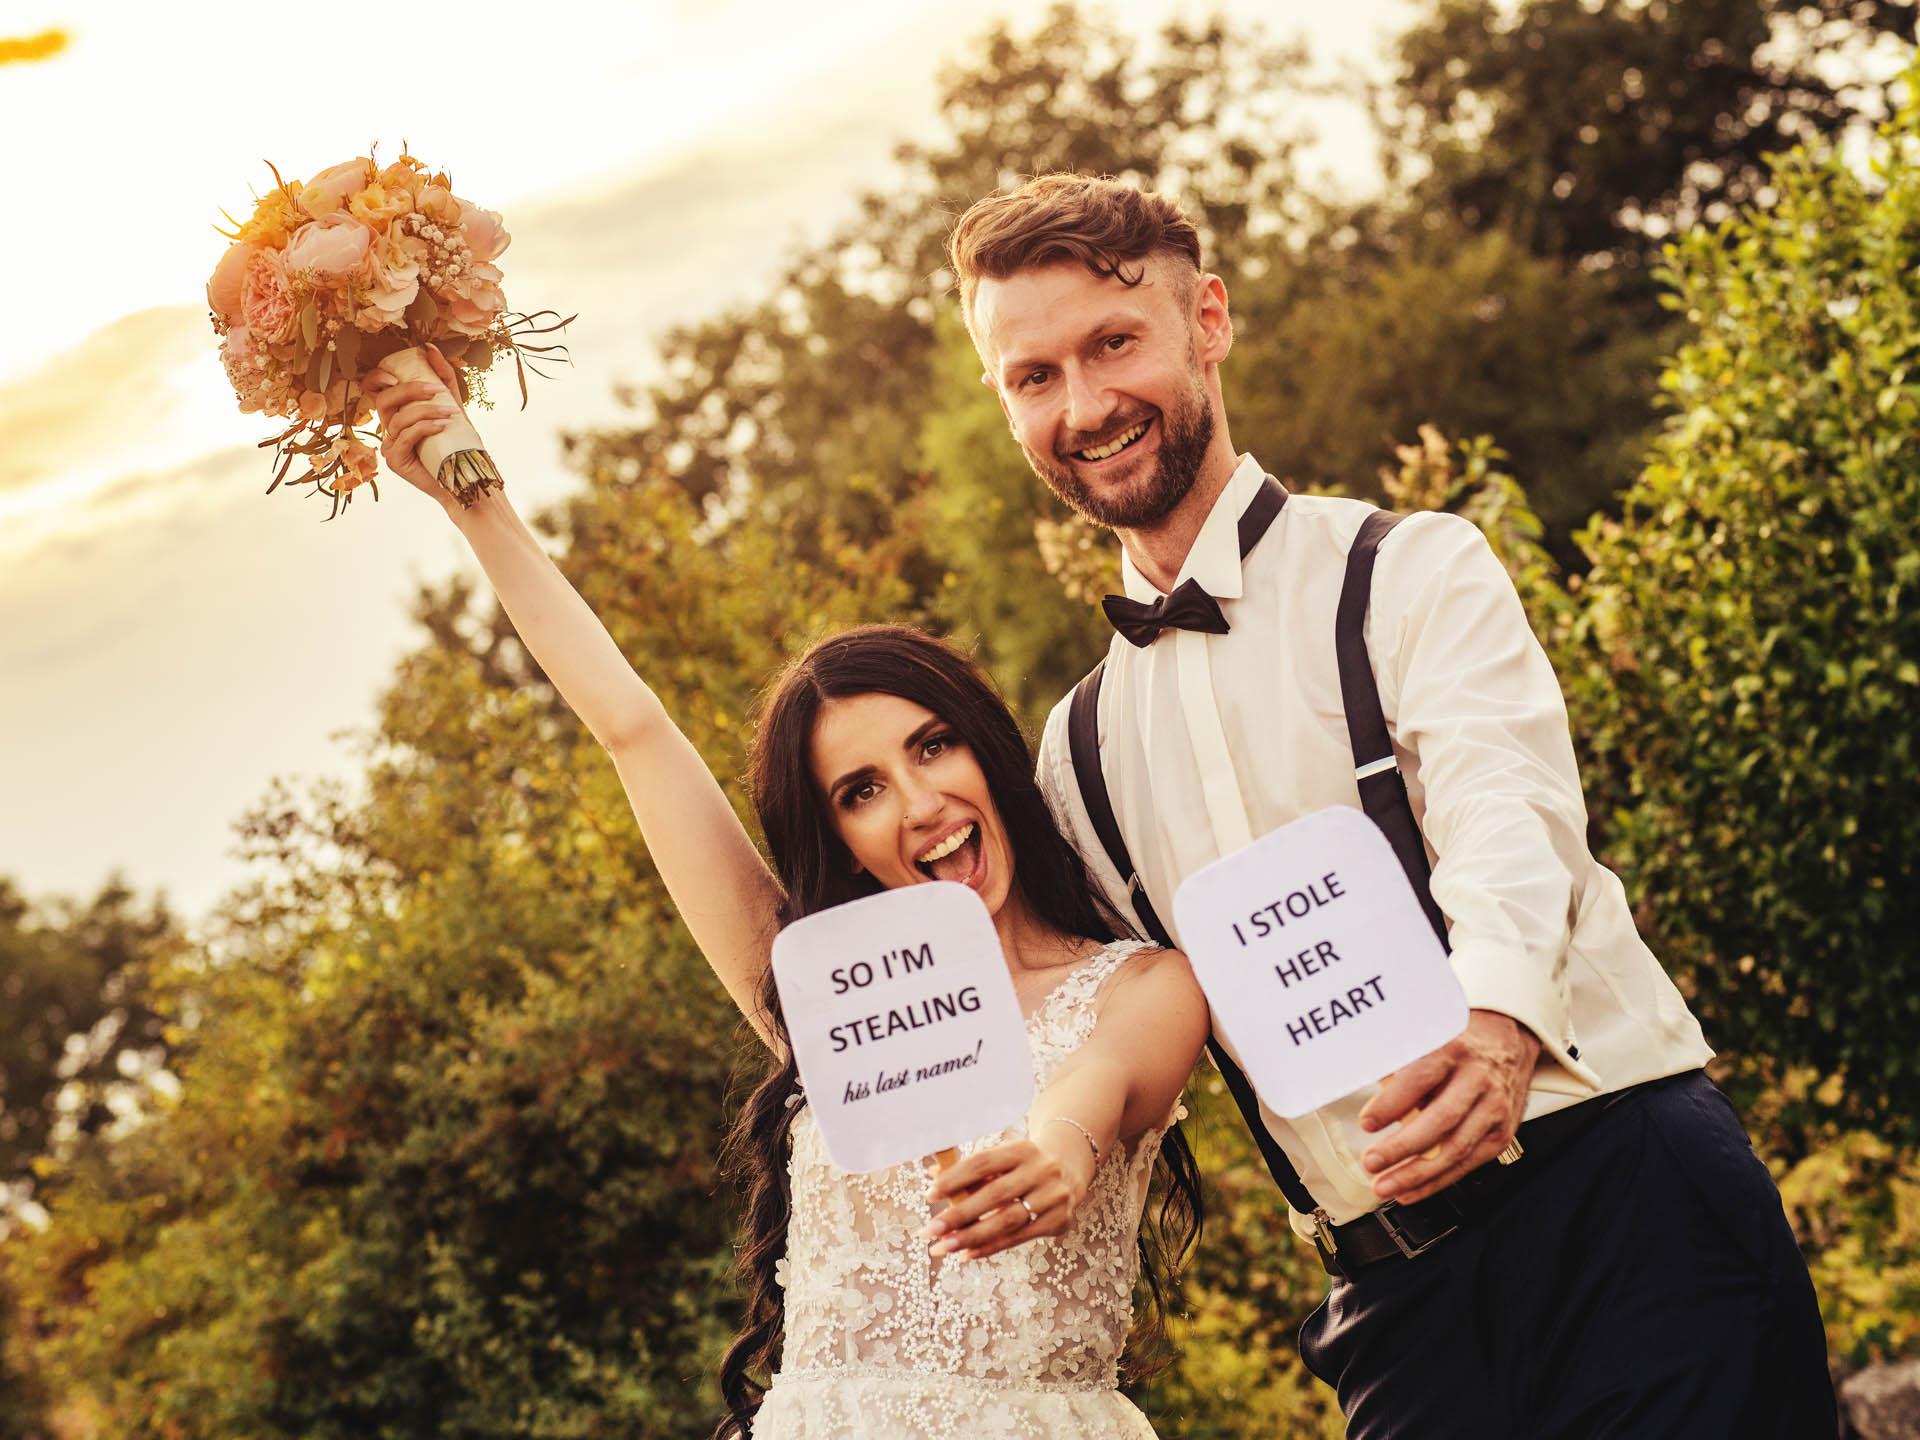 """Hochzeitspaar hält lachend zwei Schilder hoch: """"I stole her heart"""", """"So I´m stealing his last name"""""""